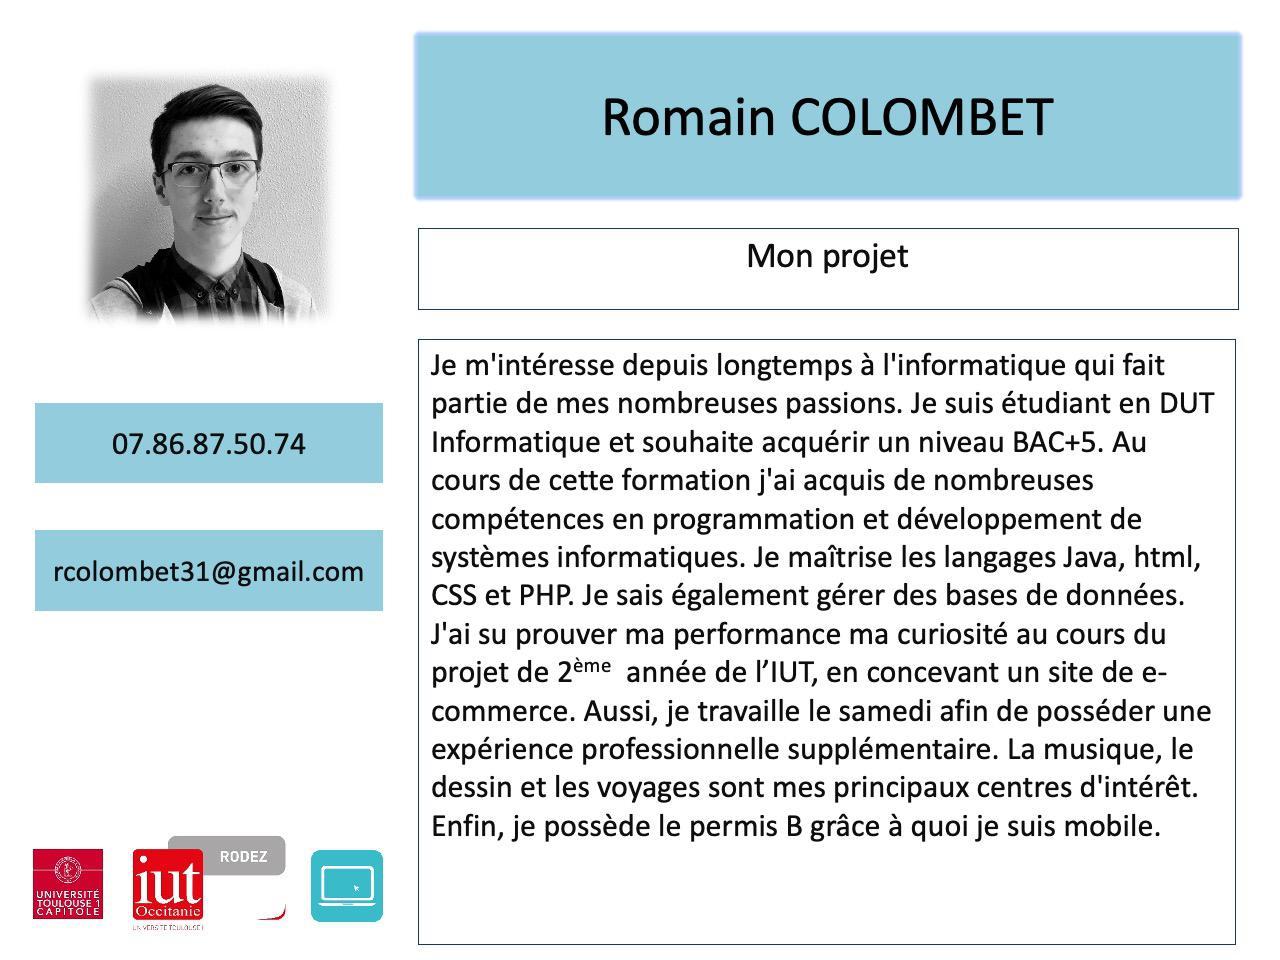 Romain COLOMBET